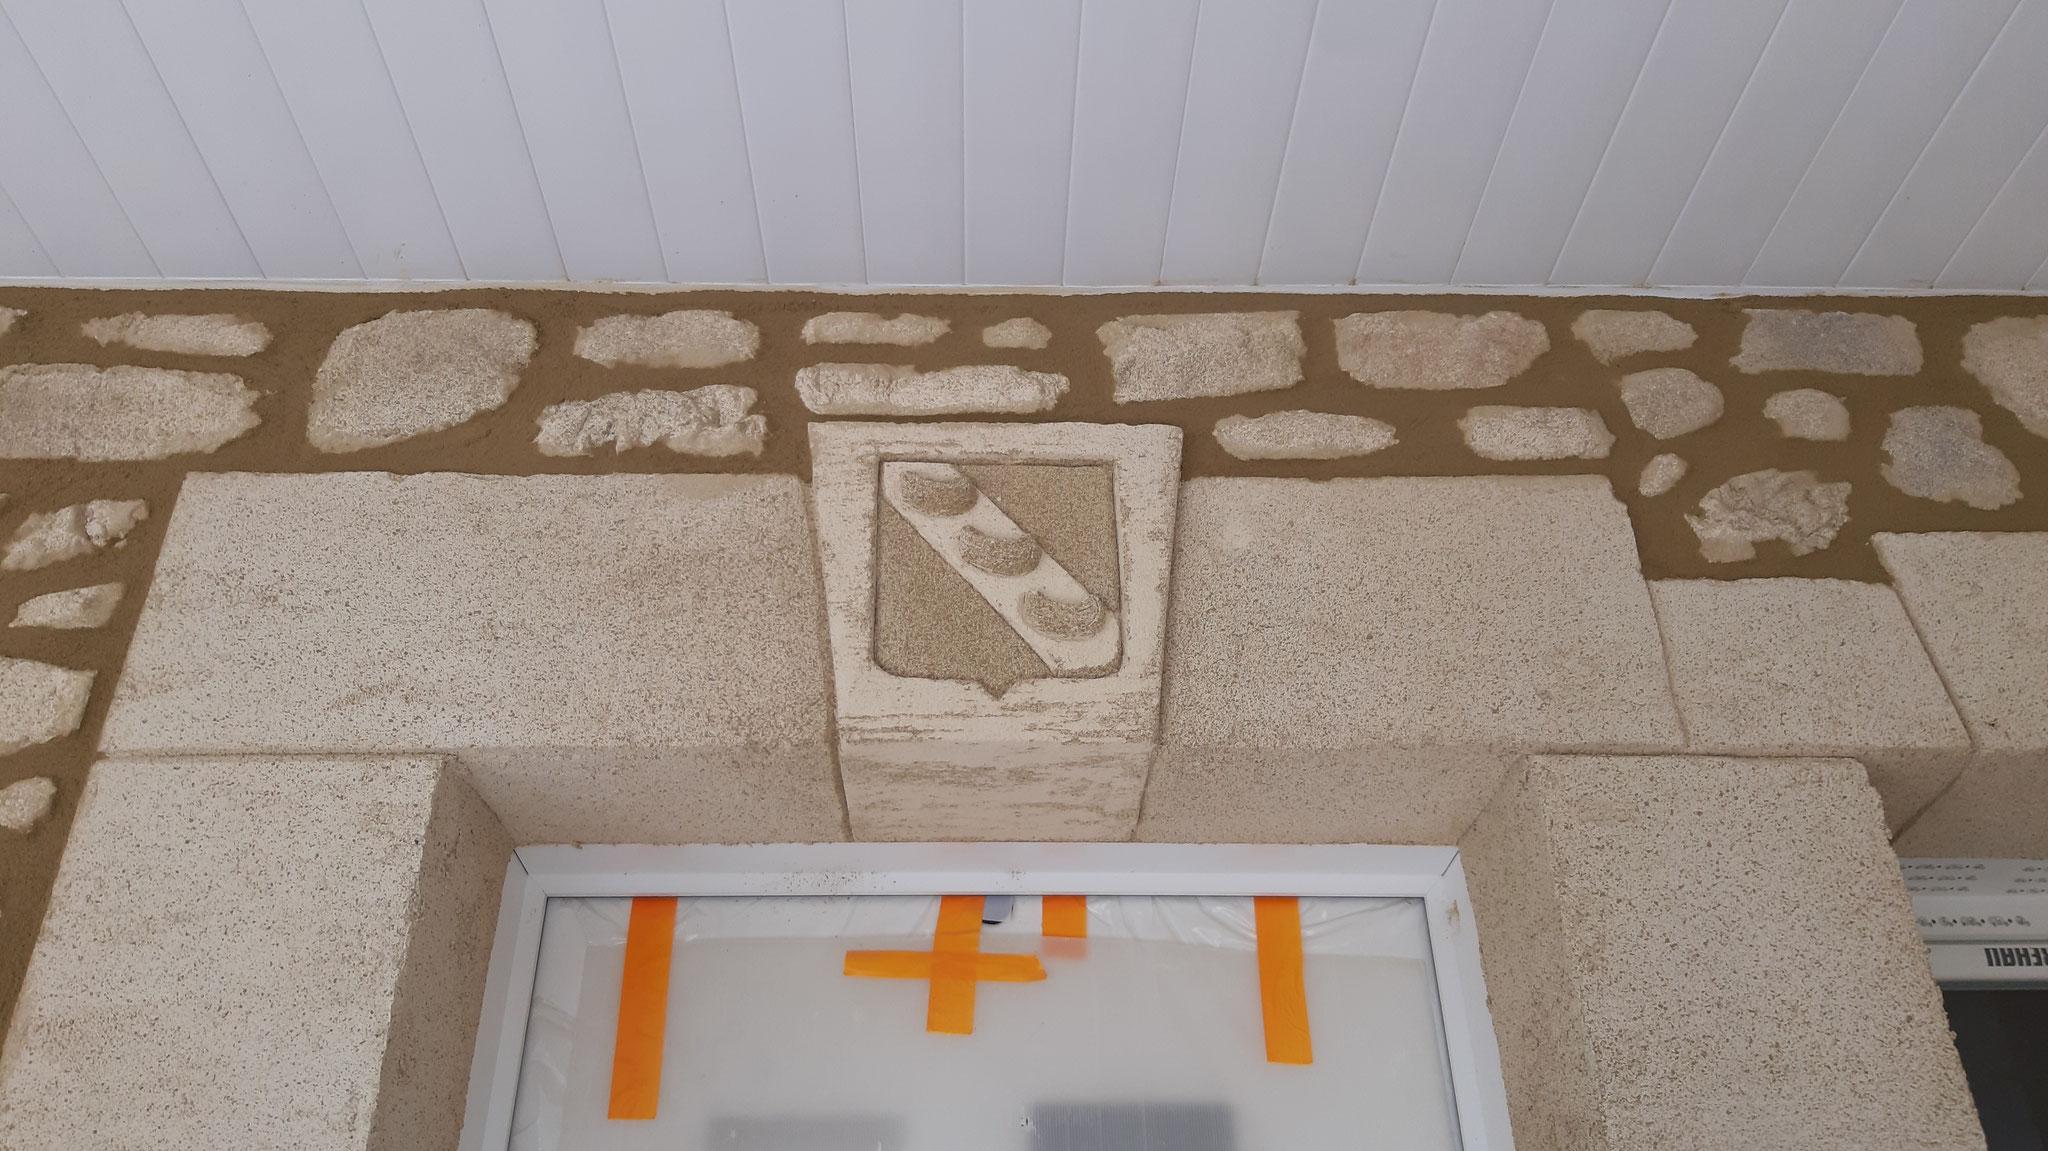 Blason de Nant sur clef de voute de porte d'entrée